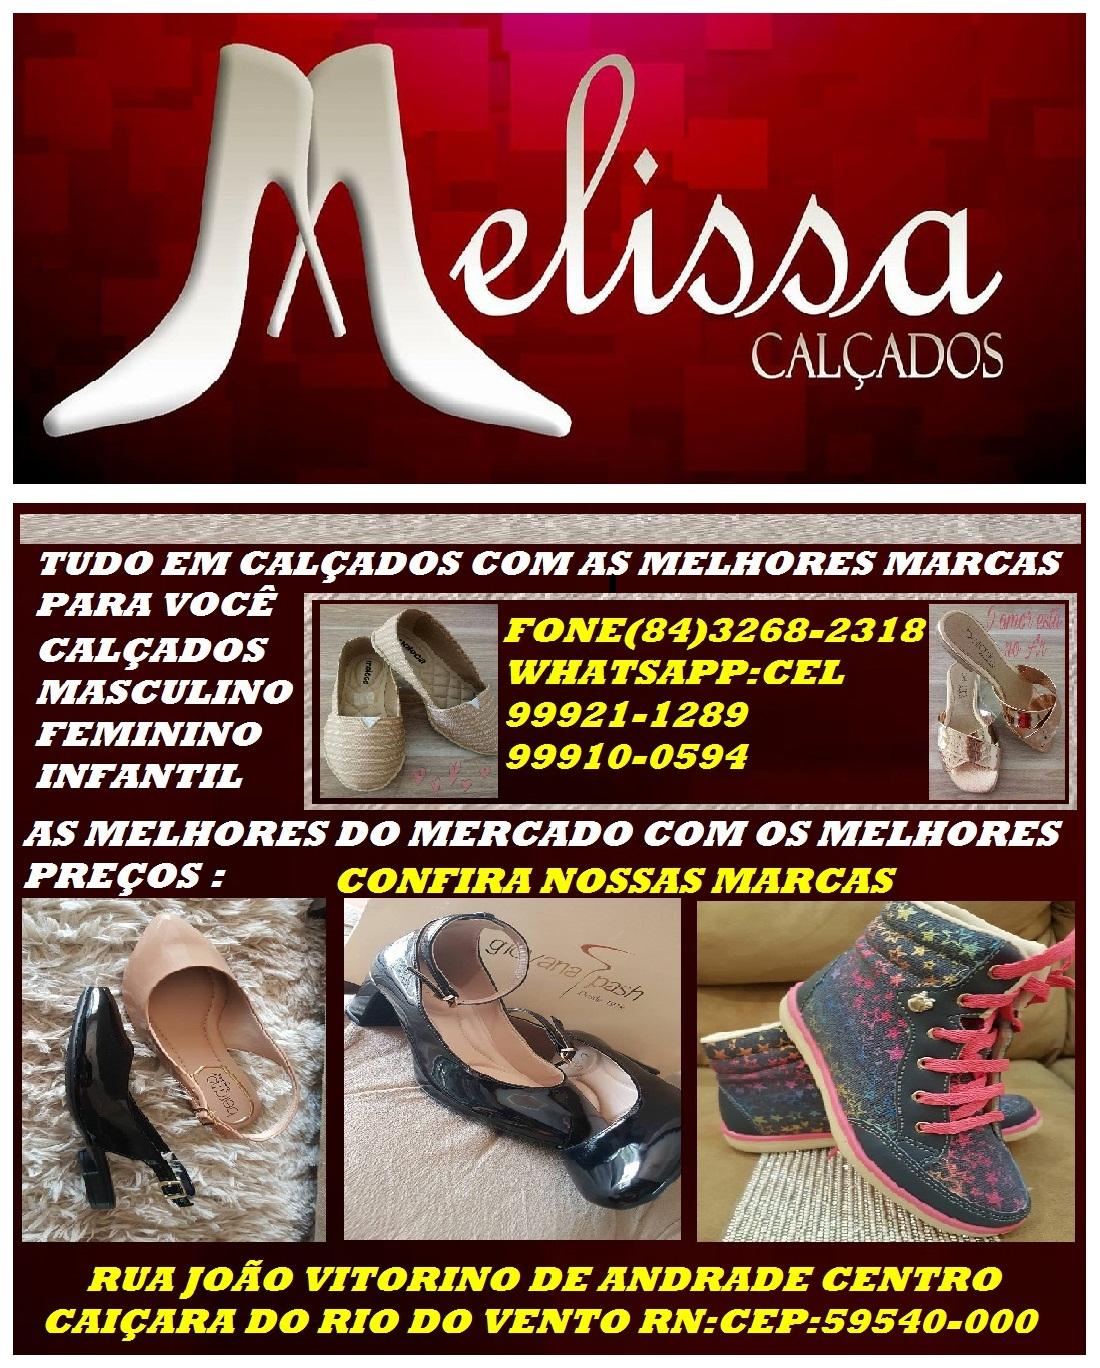 MELISSA CALÇADOS CAIÇARA //RN